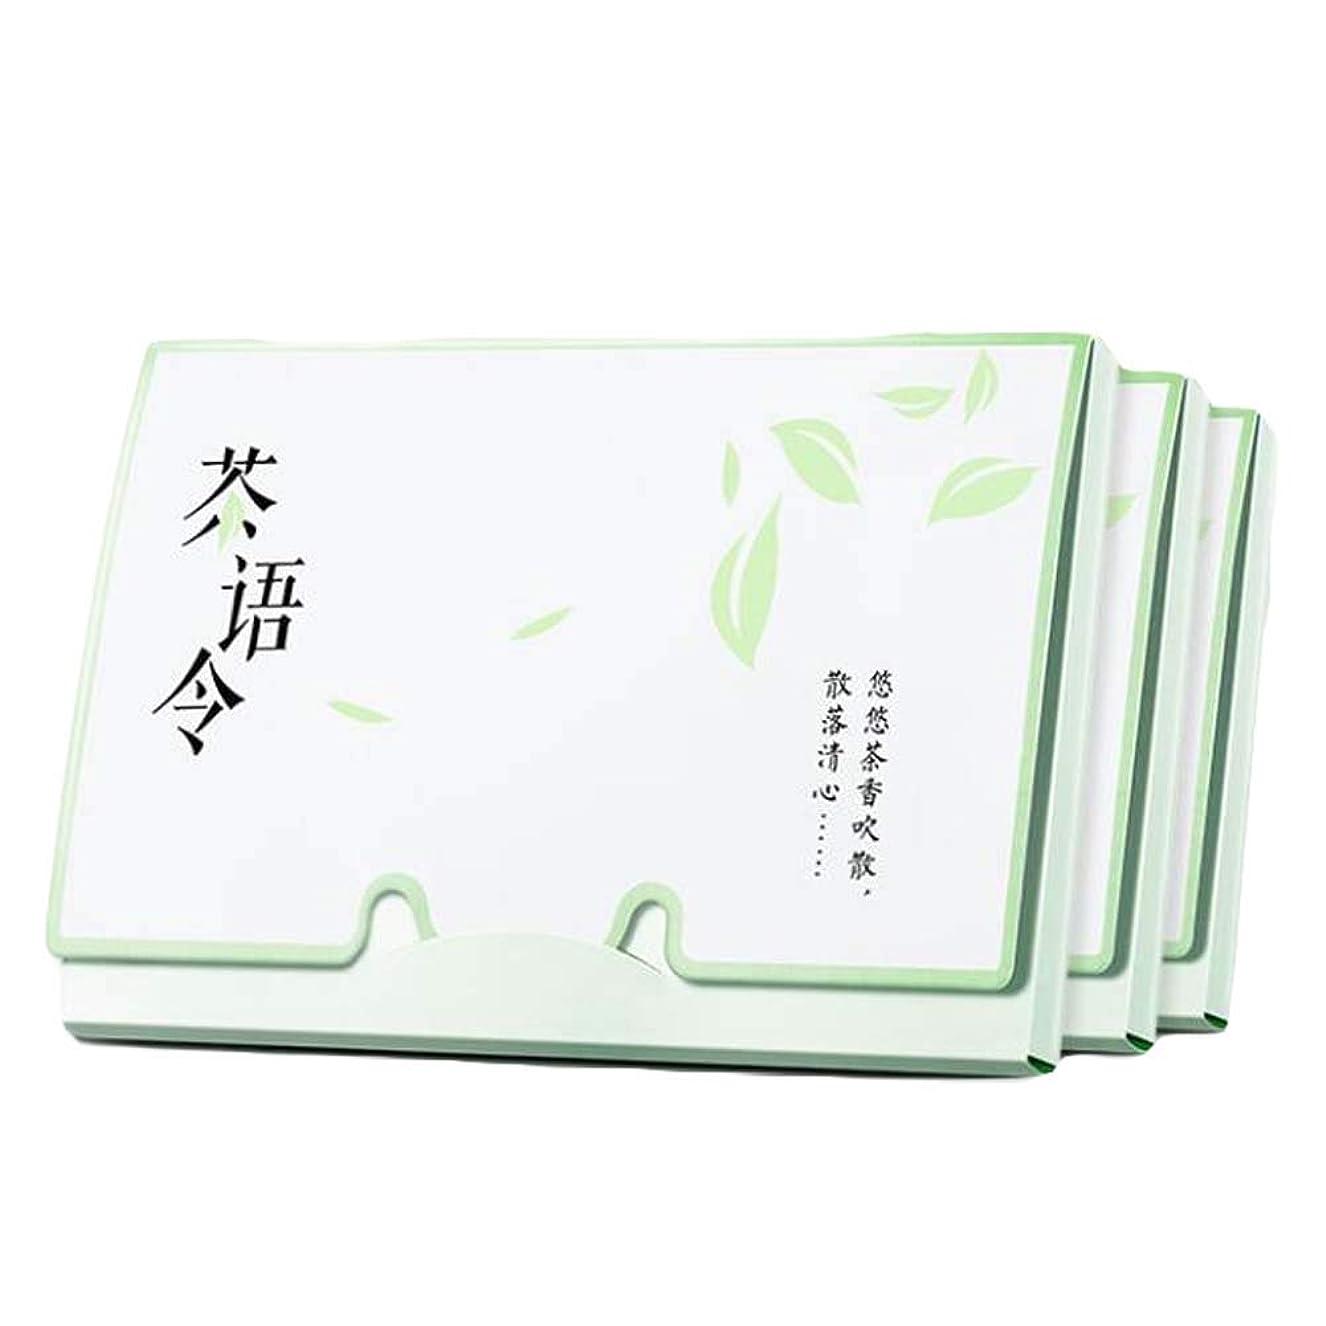 ファイバ動脈コンサルタント緑茶女性顔オイル吸収シート、300枚